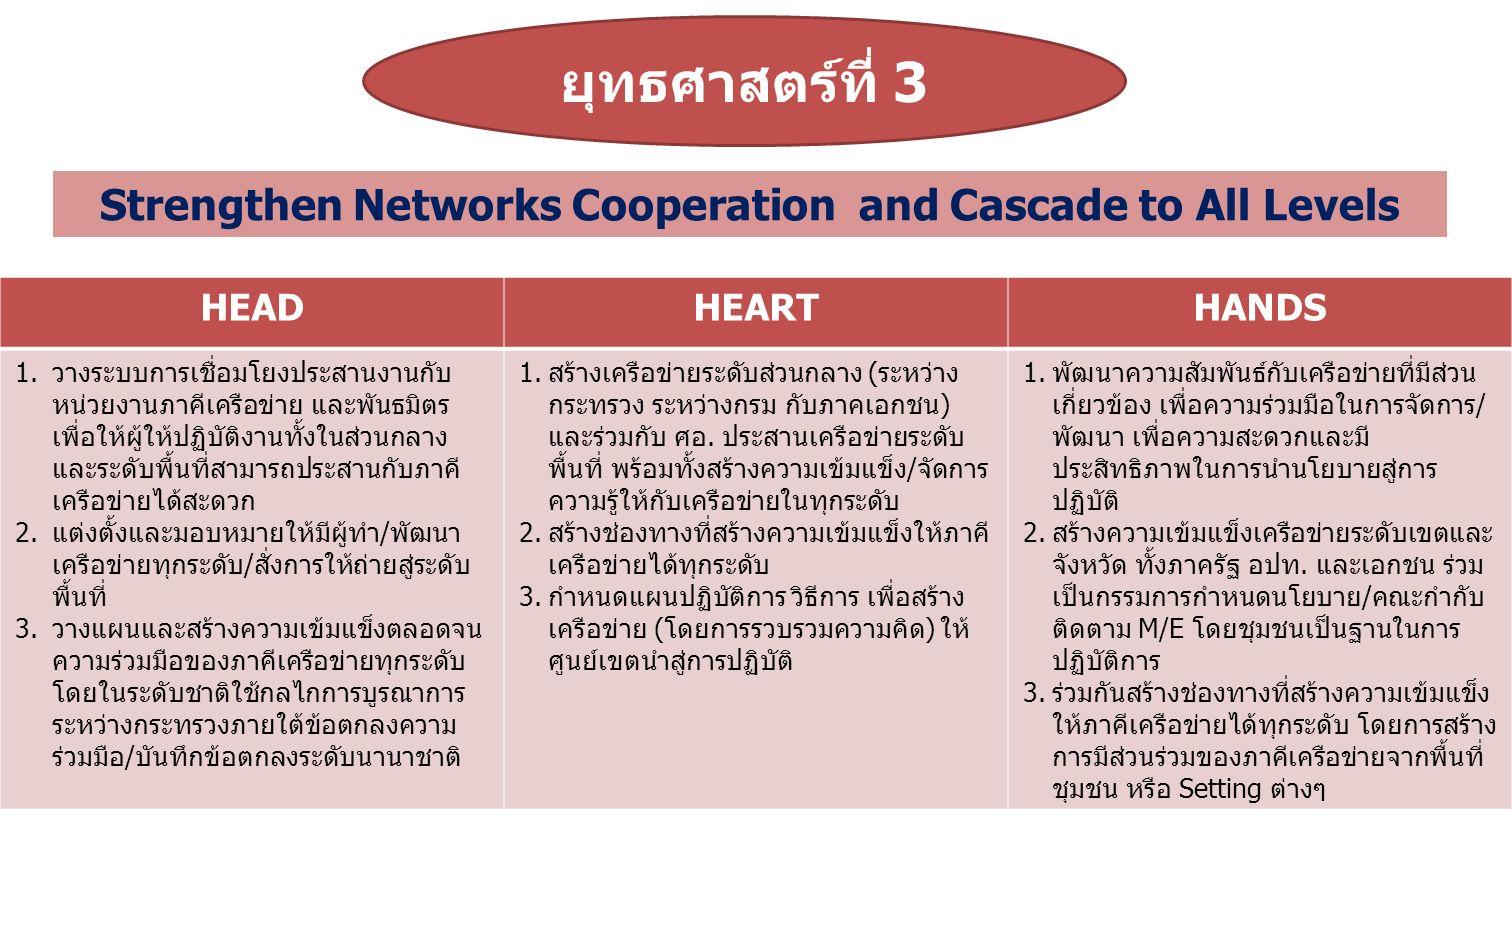 ยุทธศาสตร์ที่ 3 HEADHEARTHANDS 1.วางระบบการเชื่อมโยงประสานงานกับ หน่วยงานภาคีเครือข่าย และพันธมิตร เพื่อให้ผู้ให้ปฏิบัติงานทั้งในส่วนกลาง และระดับพื้น